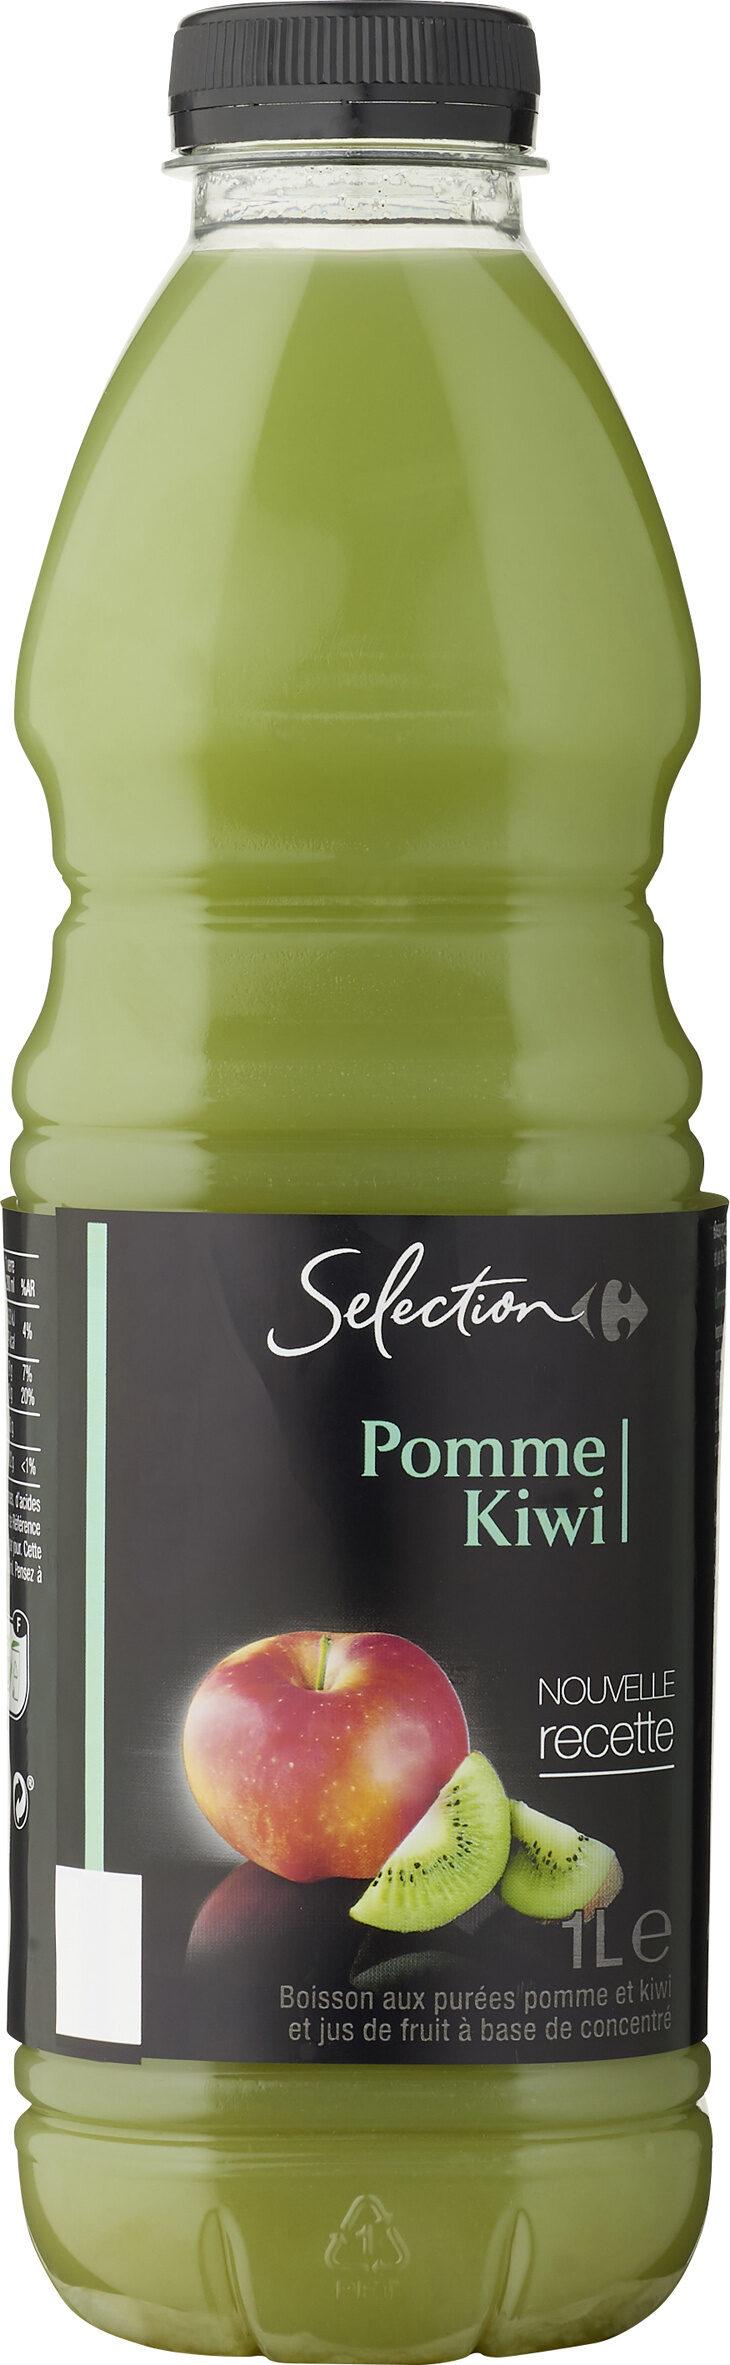 Boisson aux jus de fruits Pomme Kiwi - Prodotto - fr